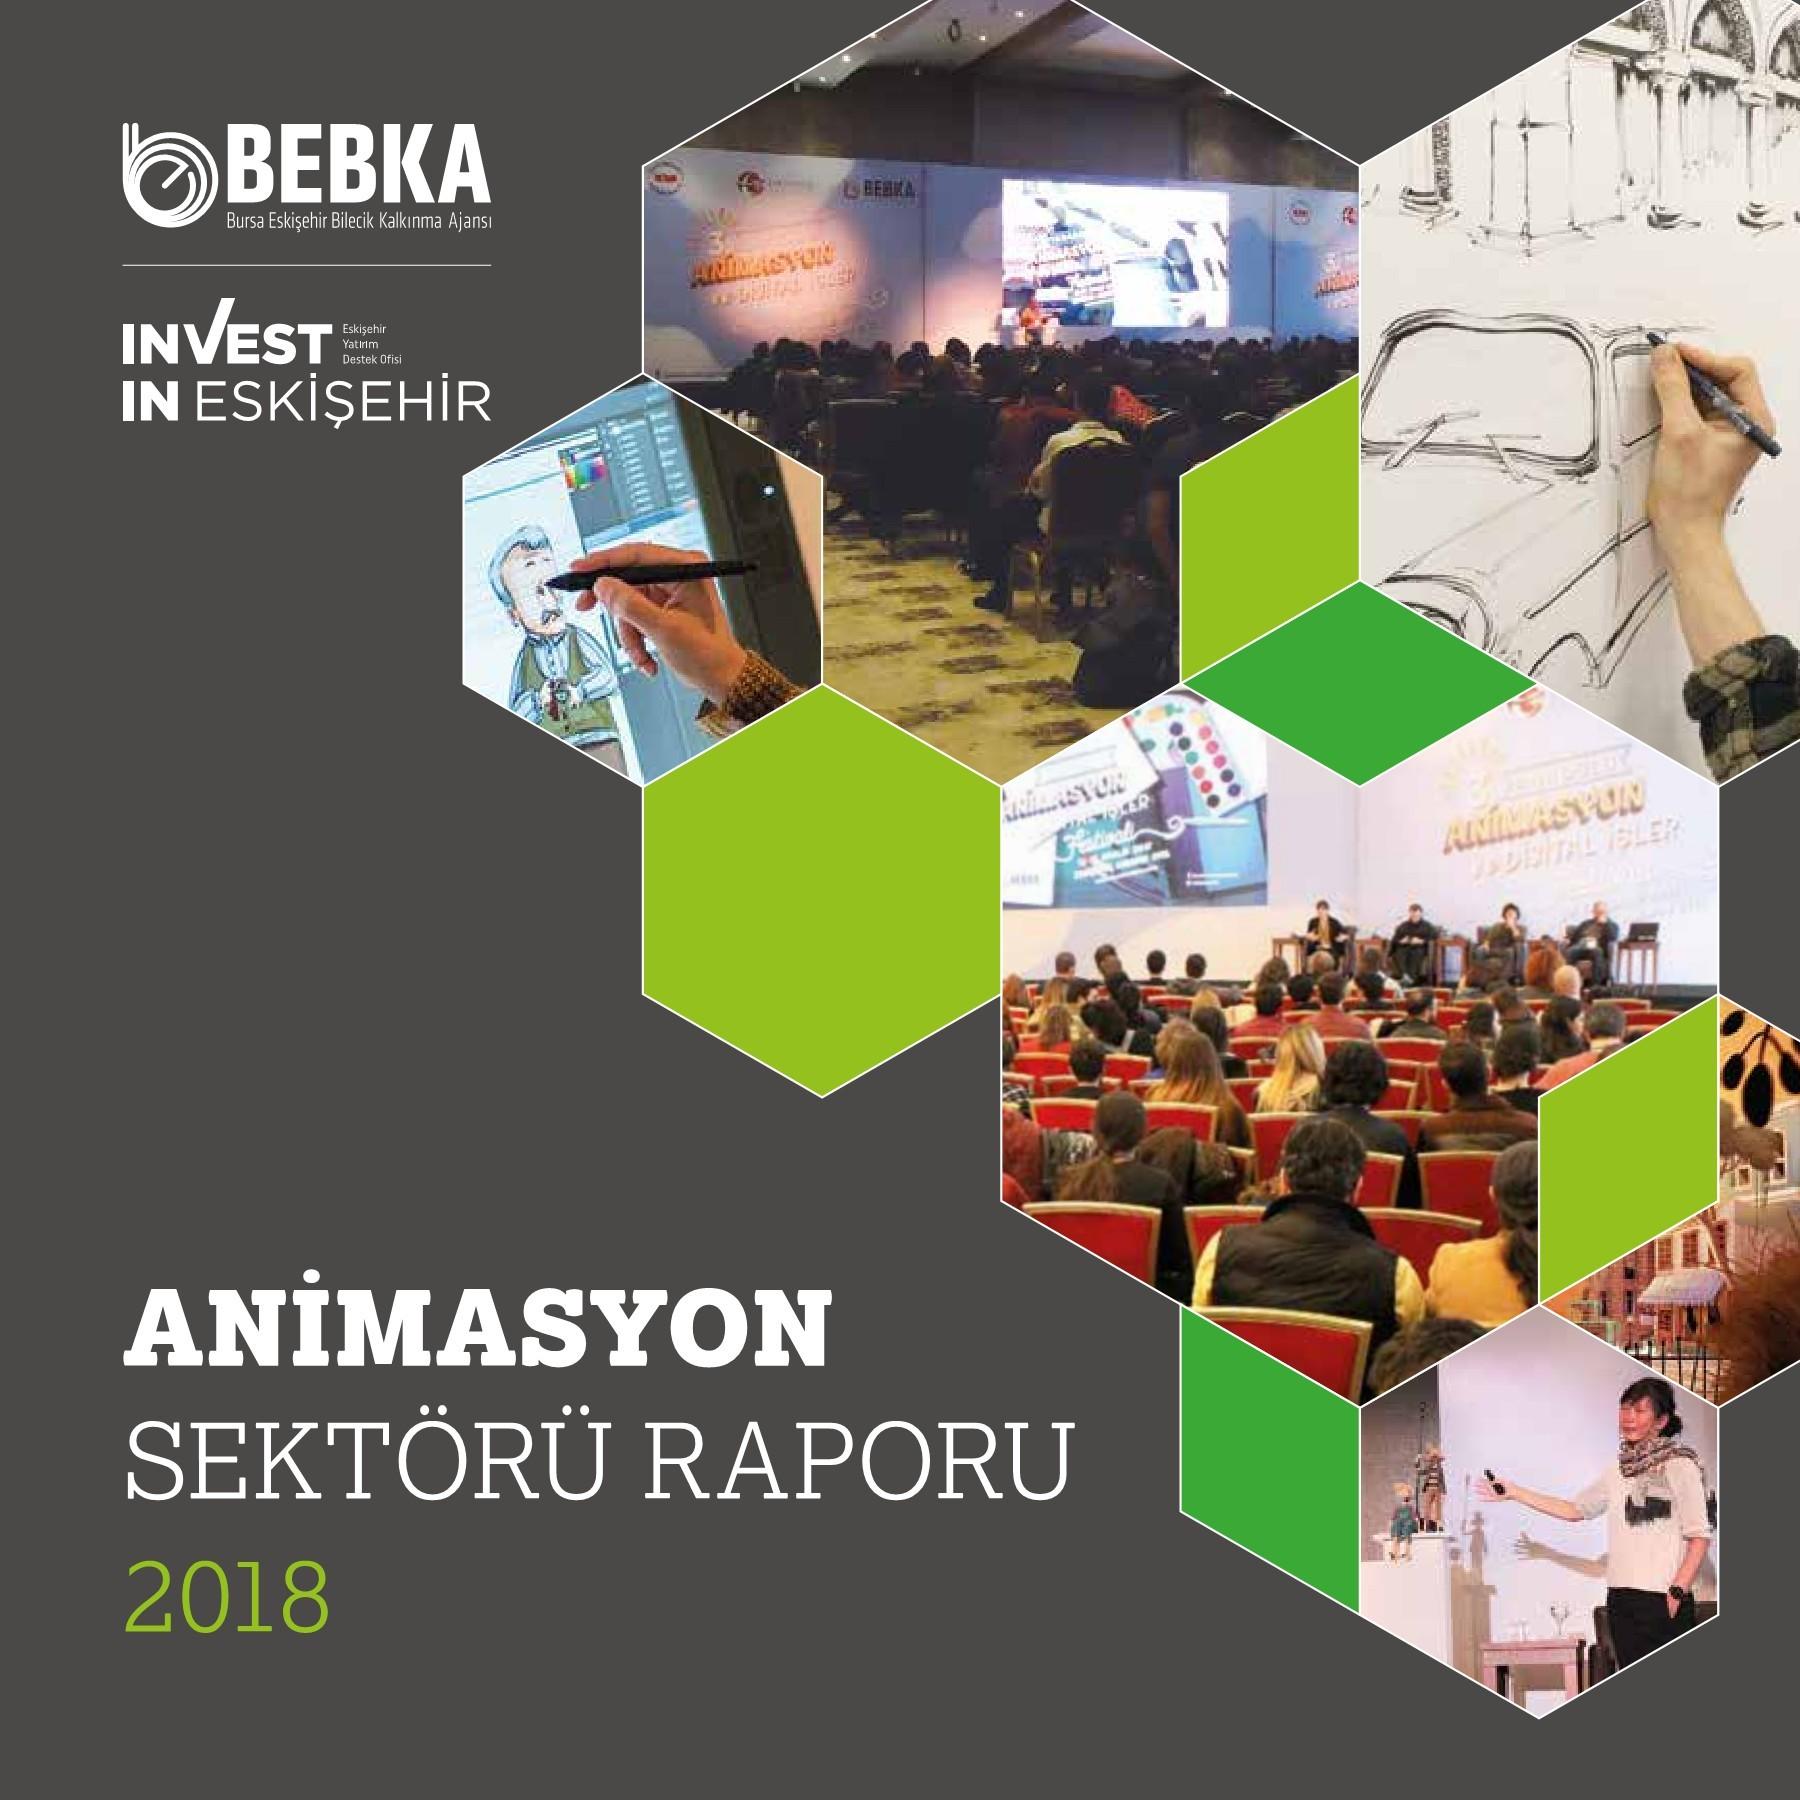 2018 Animasyon Sektörü Raporu